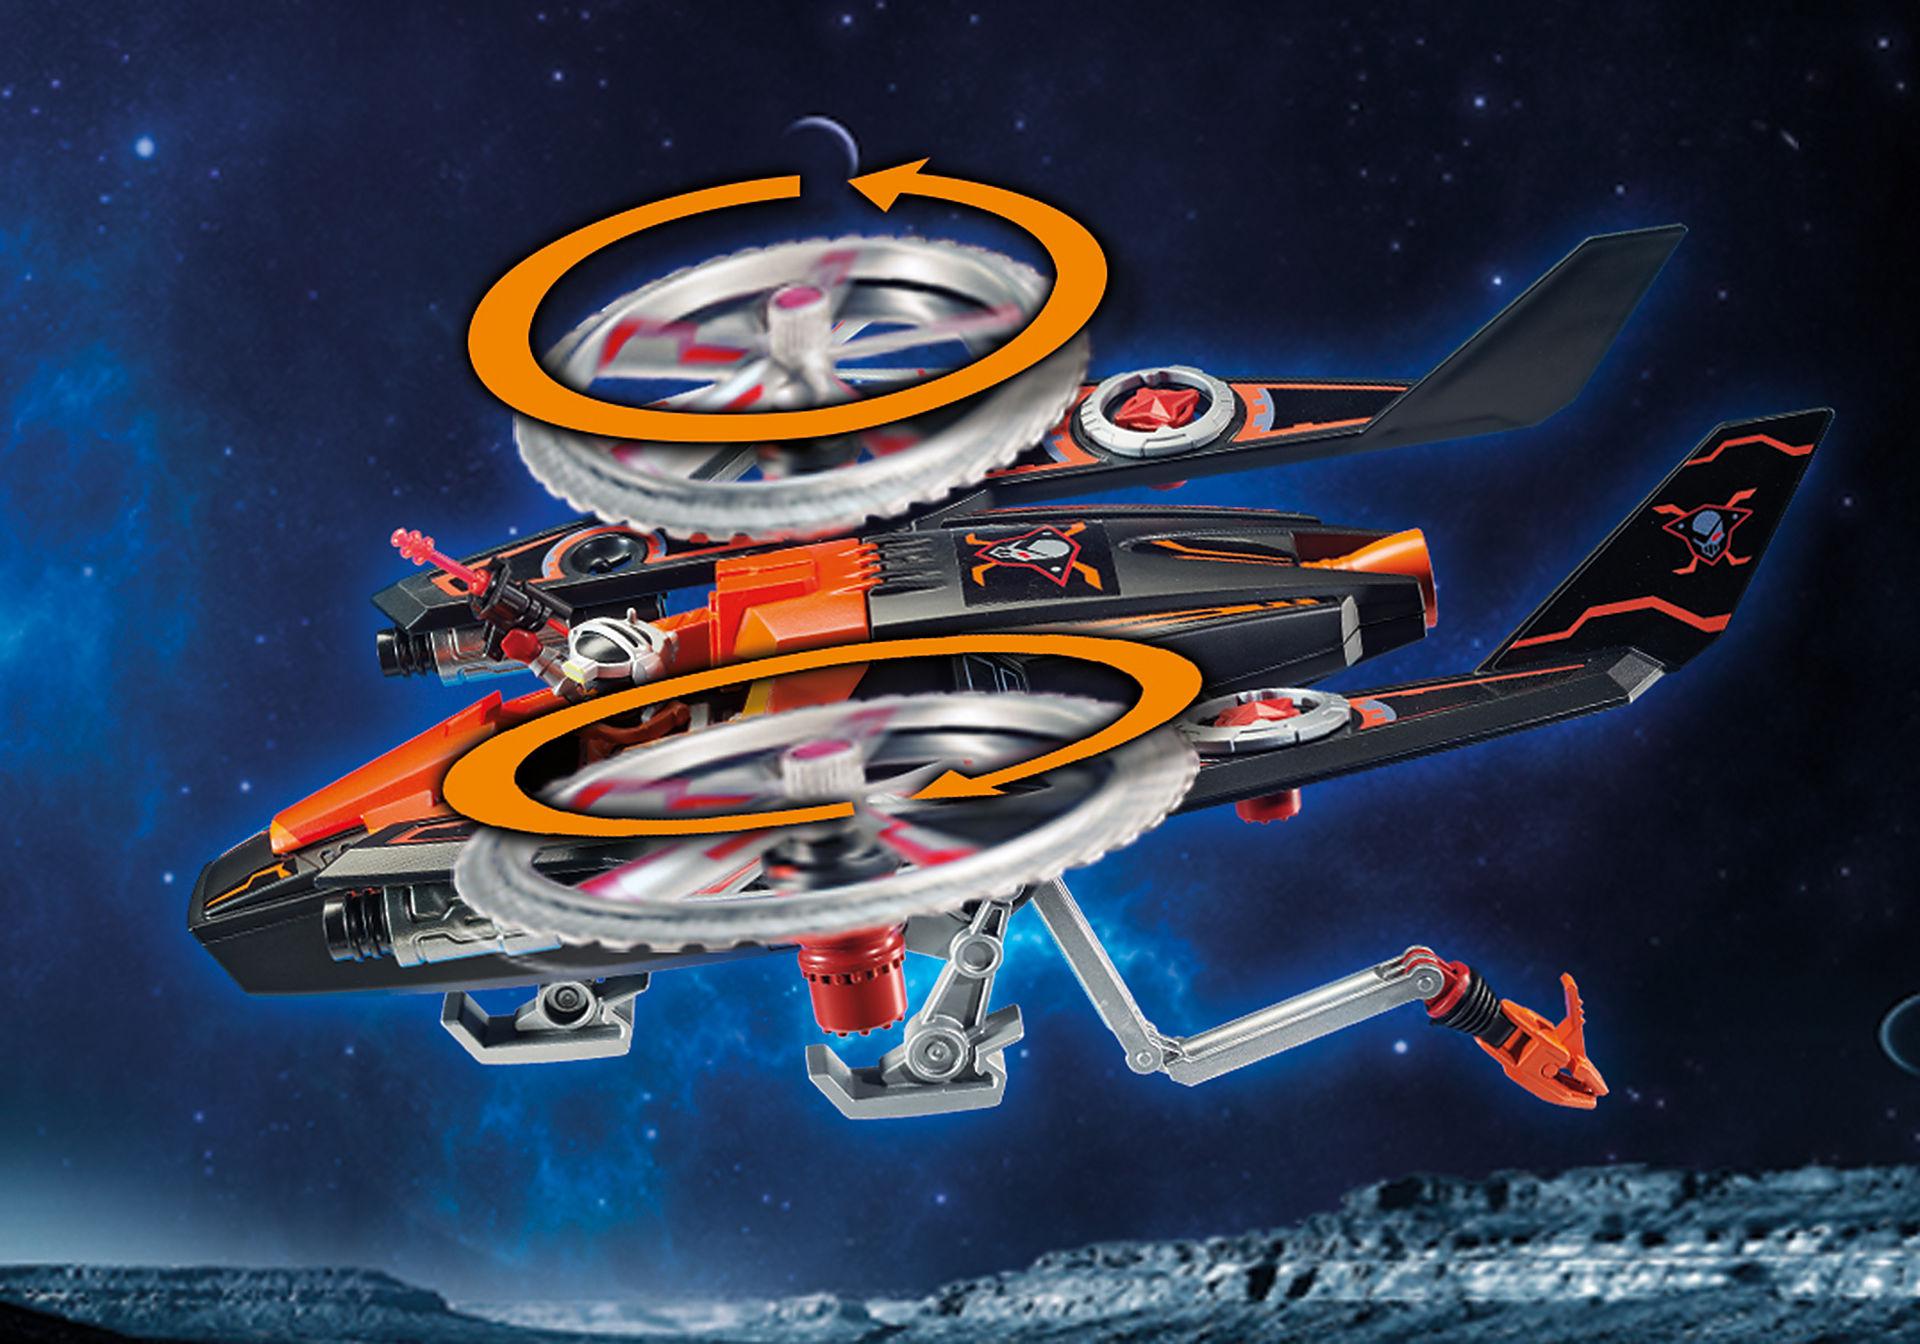 70023 Űrkalózok - Helikopter zoom image4